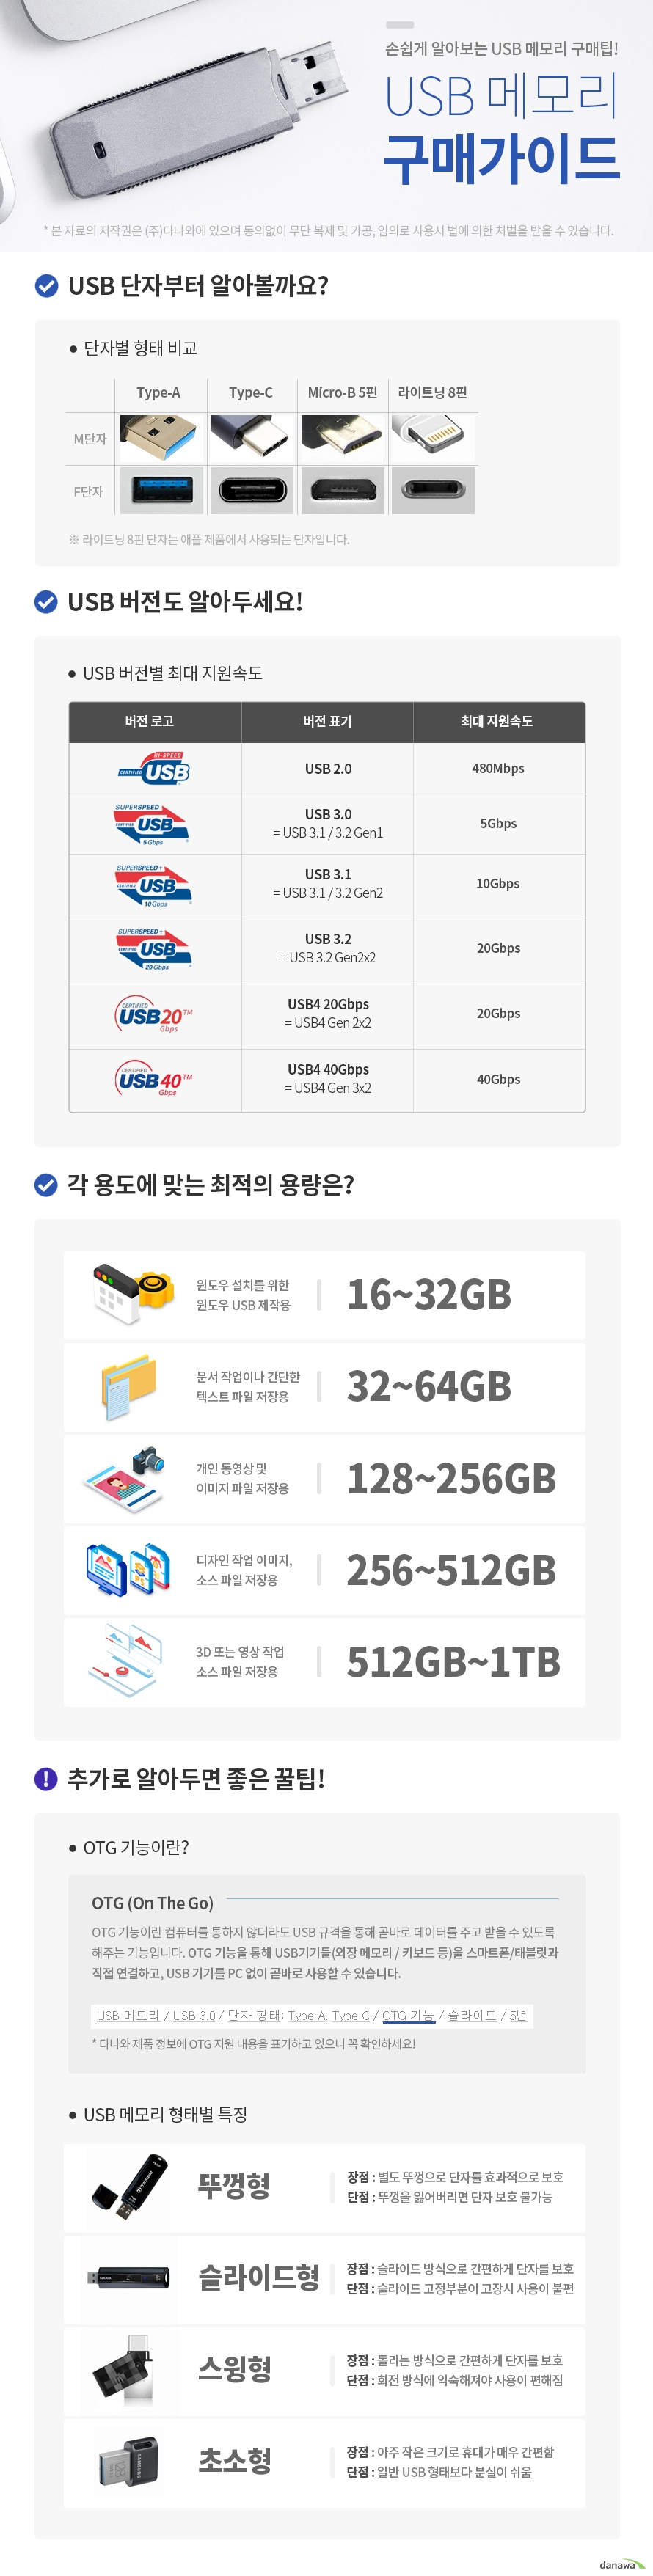 메모렛 스윙 USB UL700 (64GB)